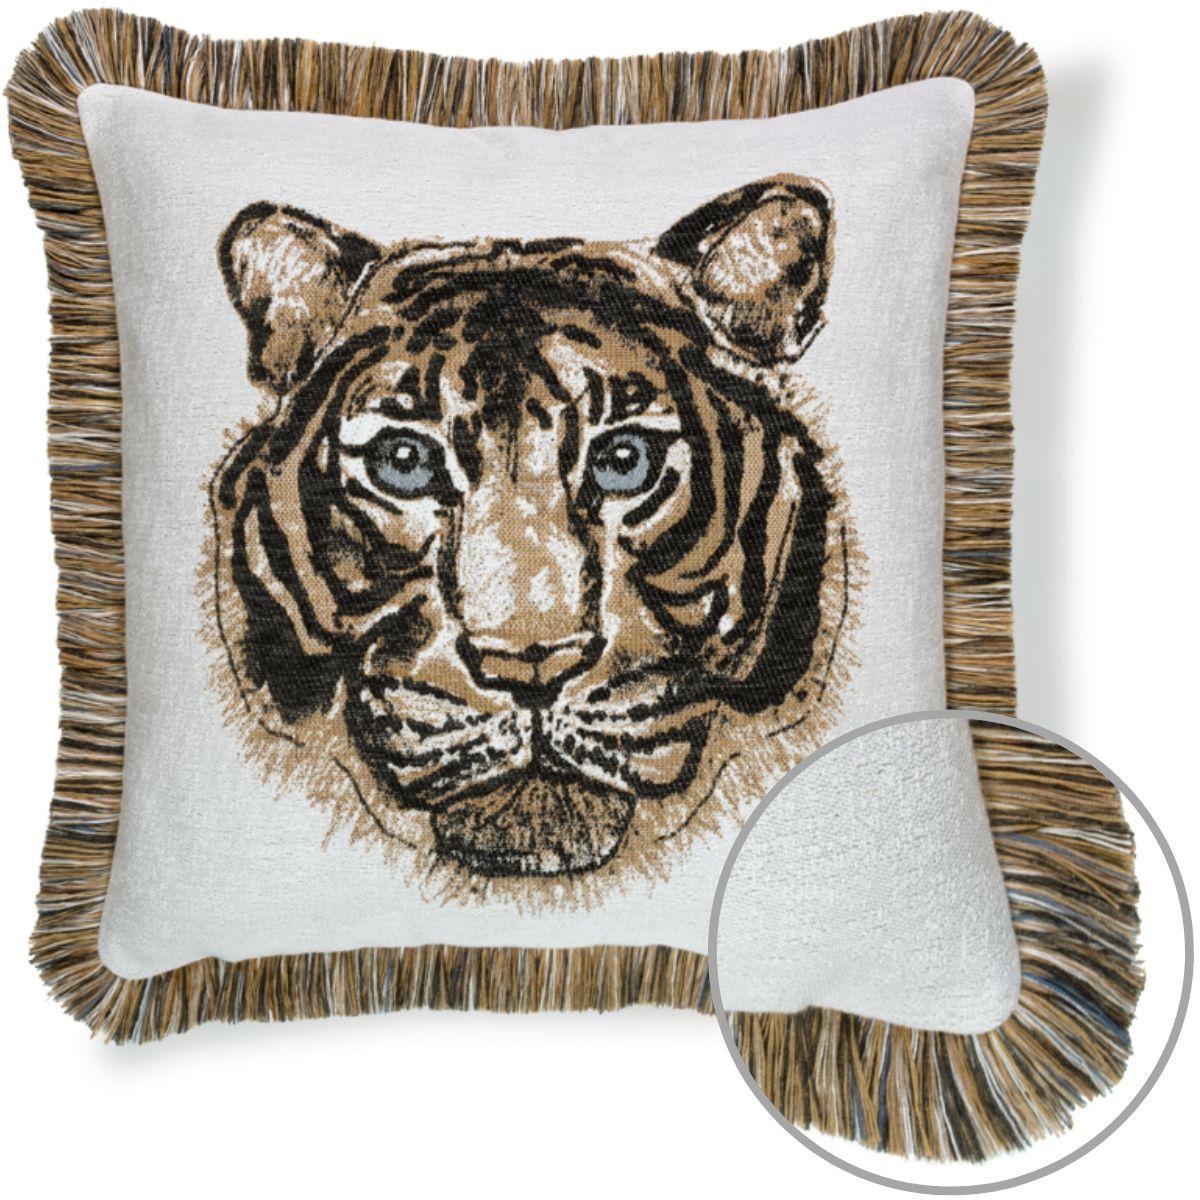 bengal-onyz-fringed-pillow-elaine-smith